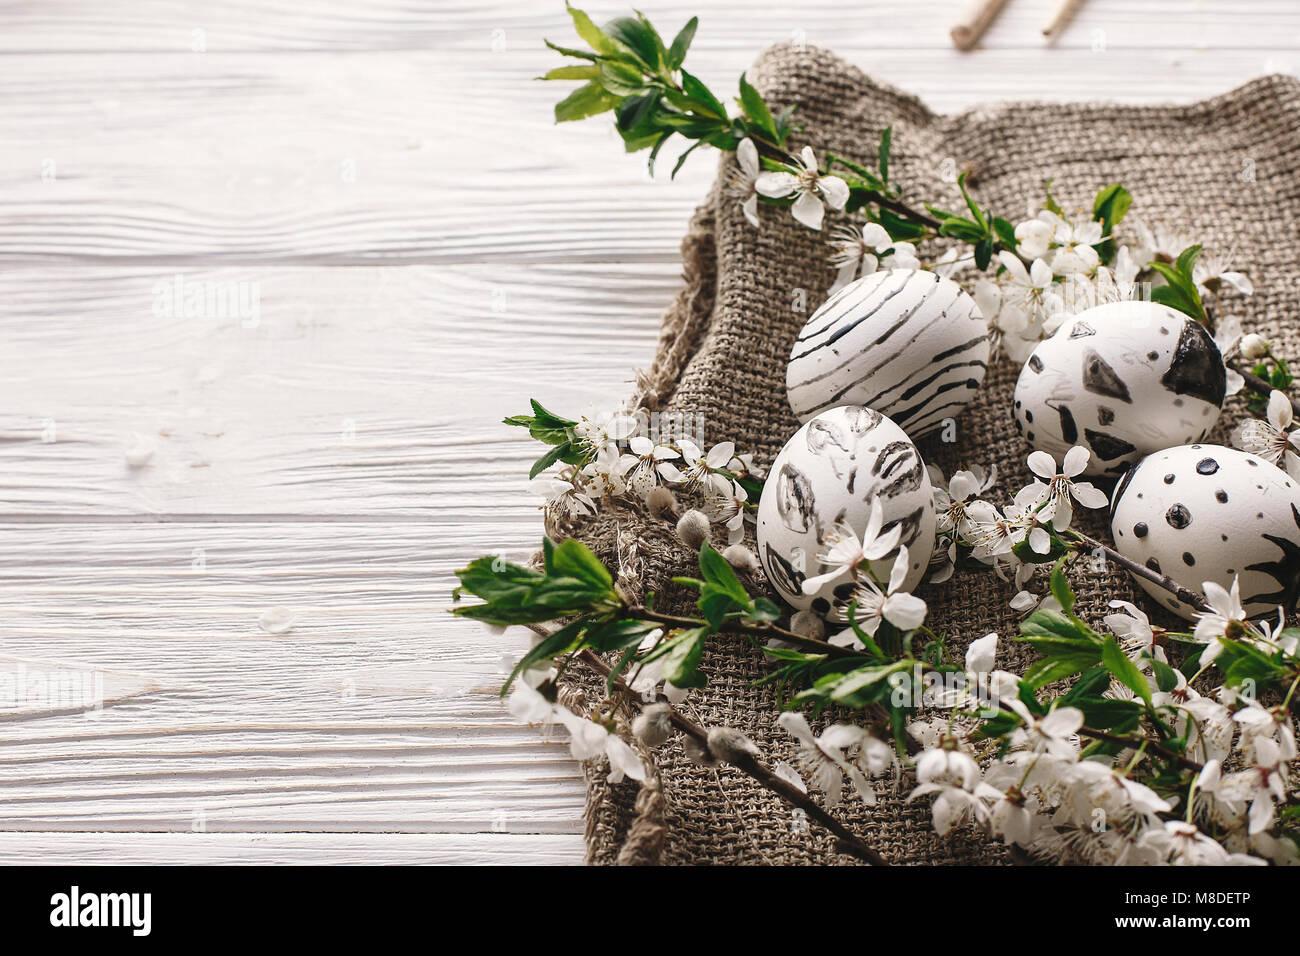 Blumen Landhausstil stilvolle bemalte ostereier schwarzen und weißen farben mit